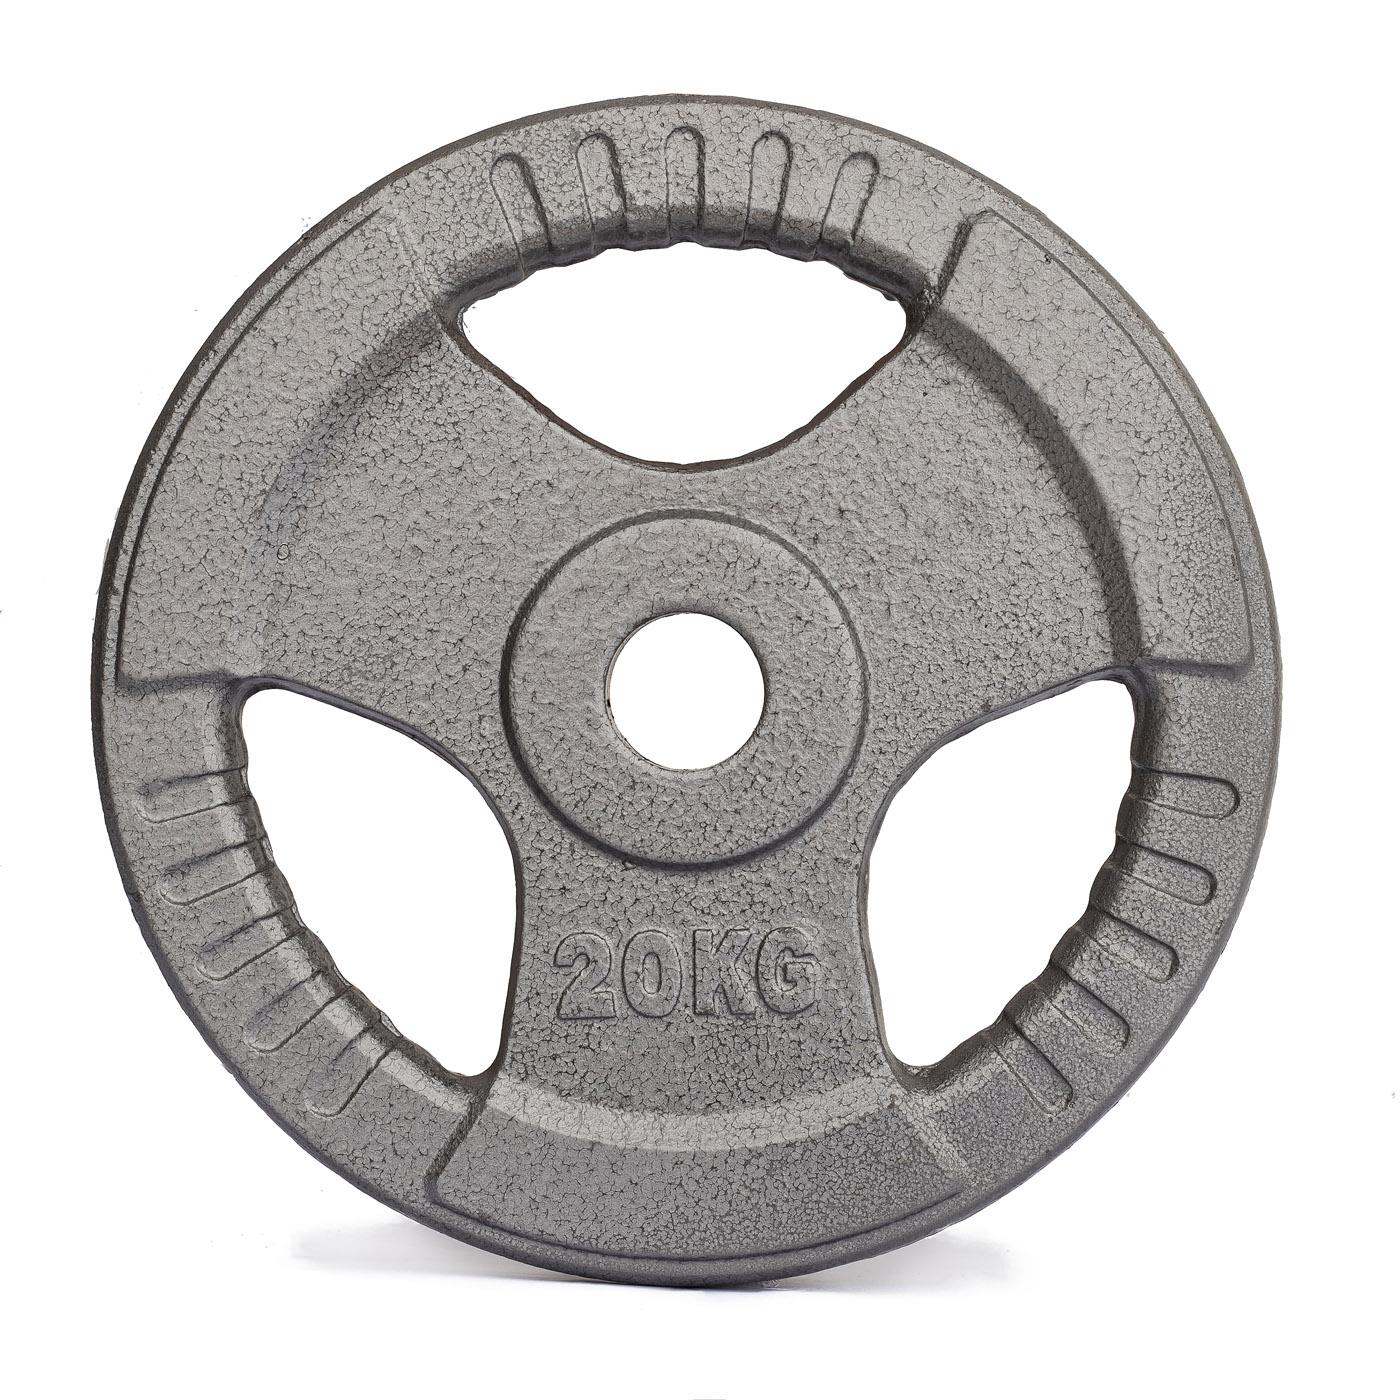 Kotouč olympijský 20 kg